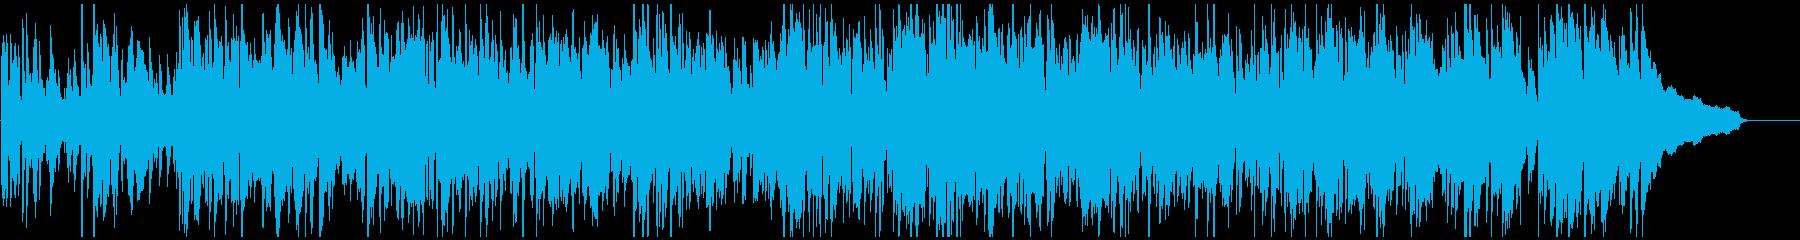 テンポ早めのジャズ、明るいスイング感の再生済みの波形